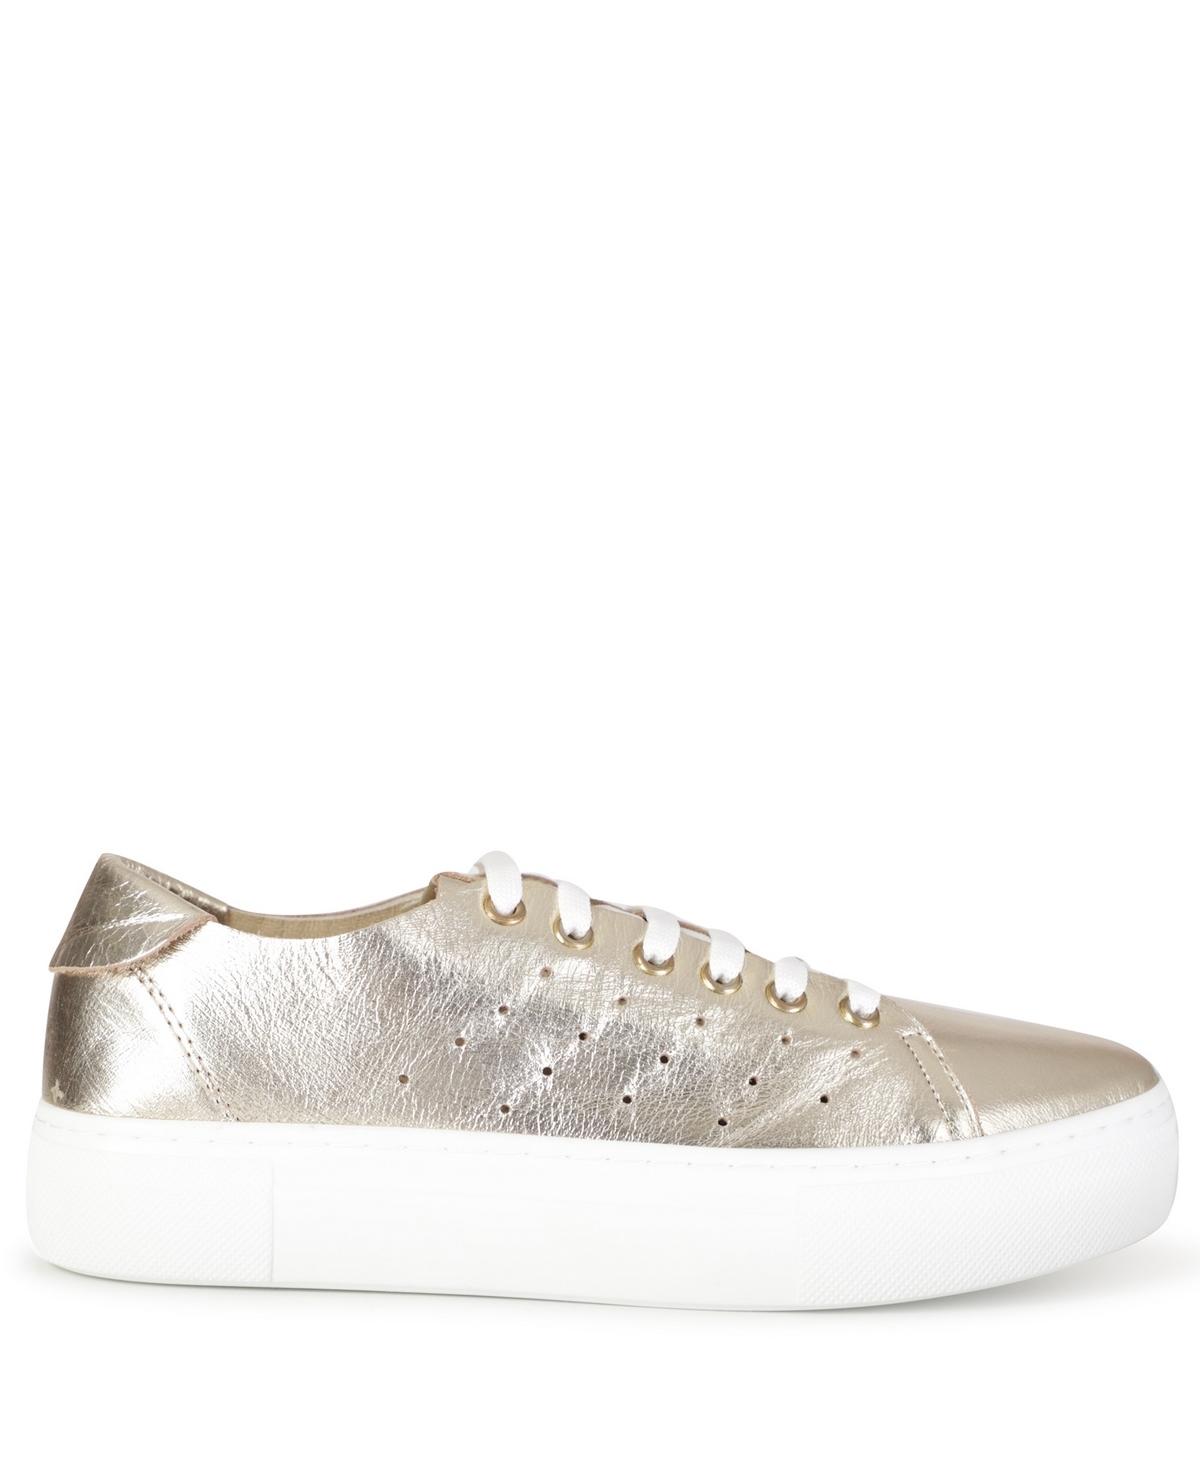 Waves Sneaker Goud TL9060